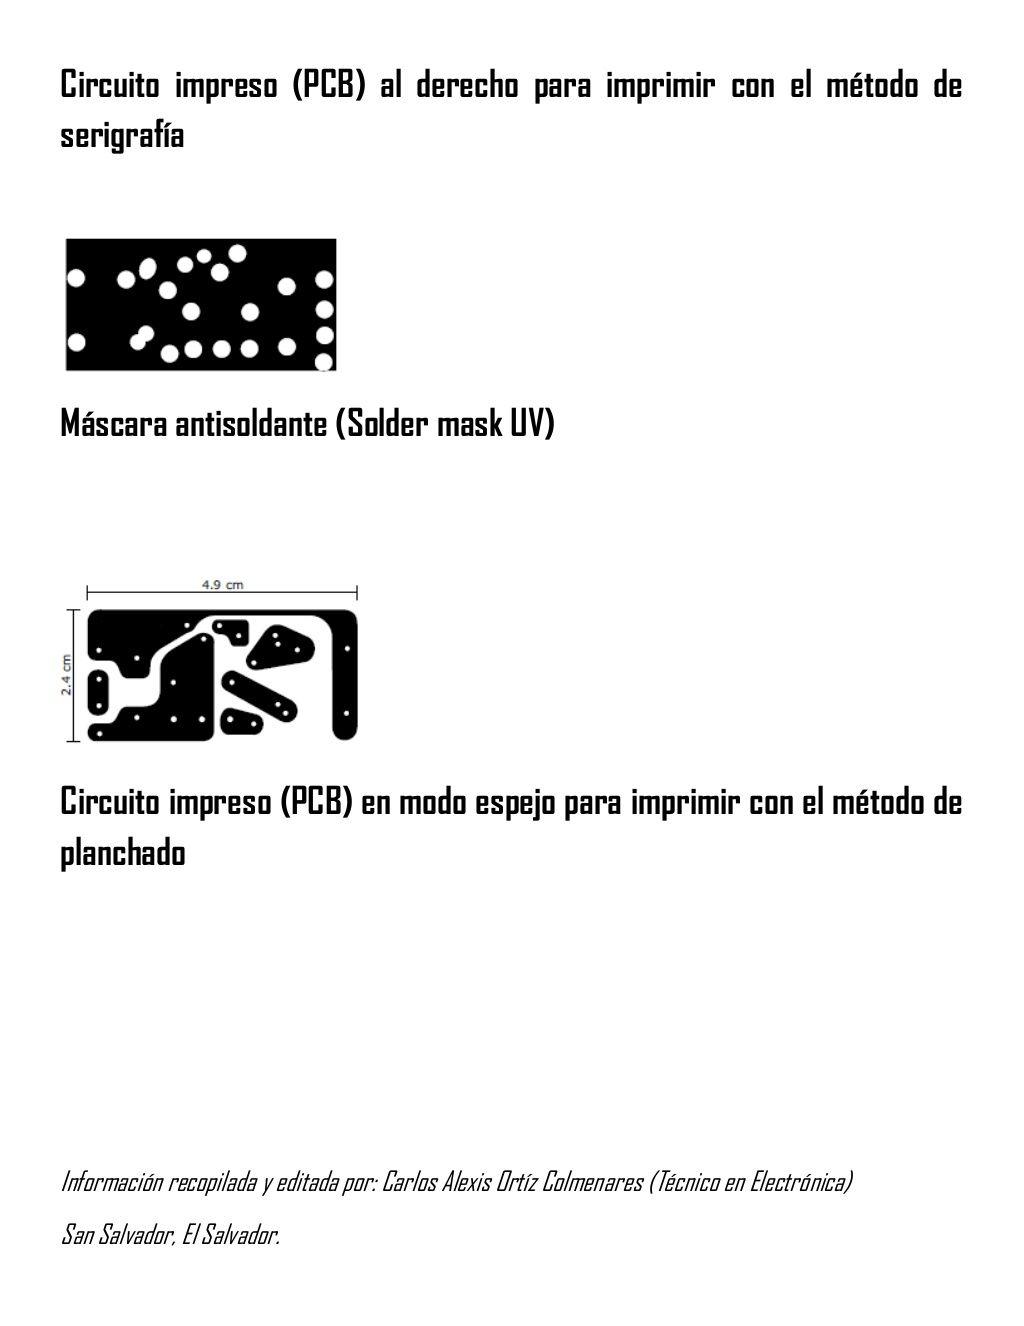 Circuito And : Circuito impreso pcb al derecho para imprimir con el método de